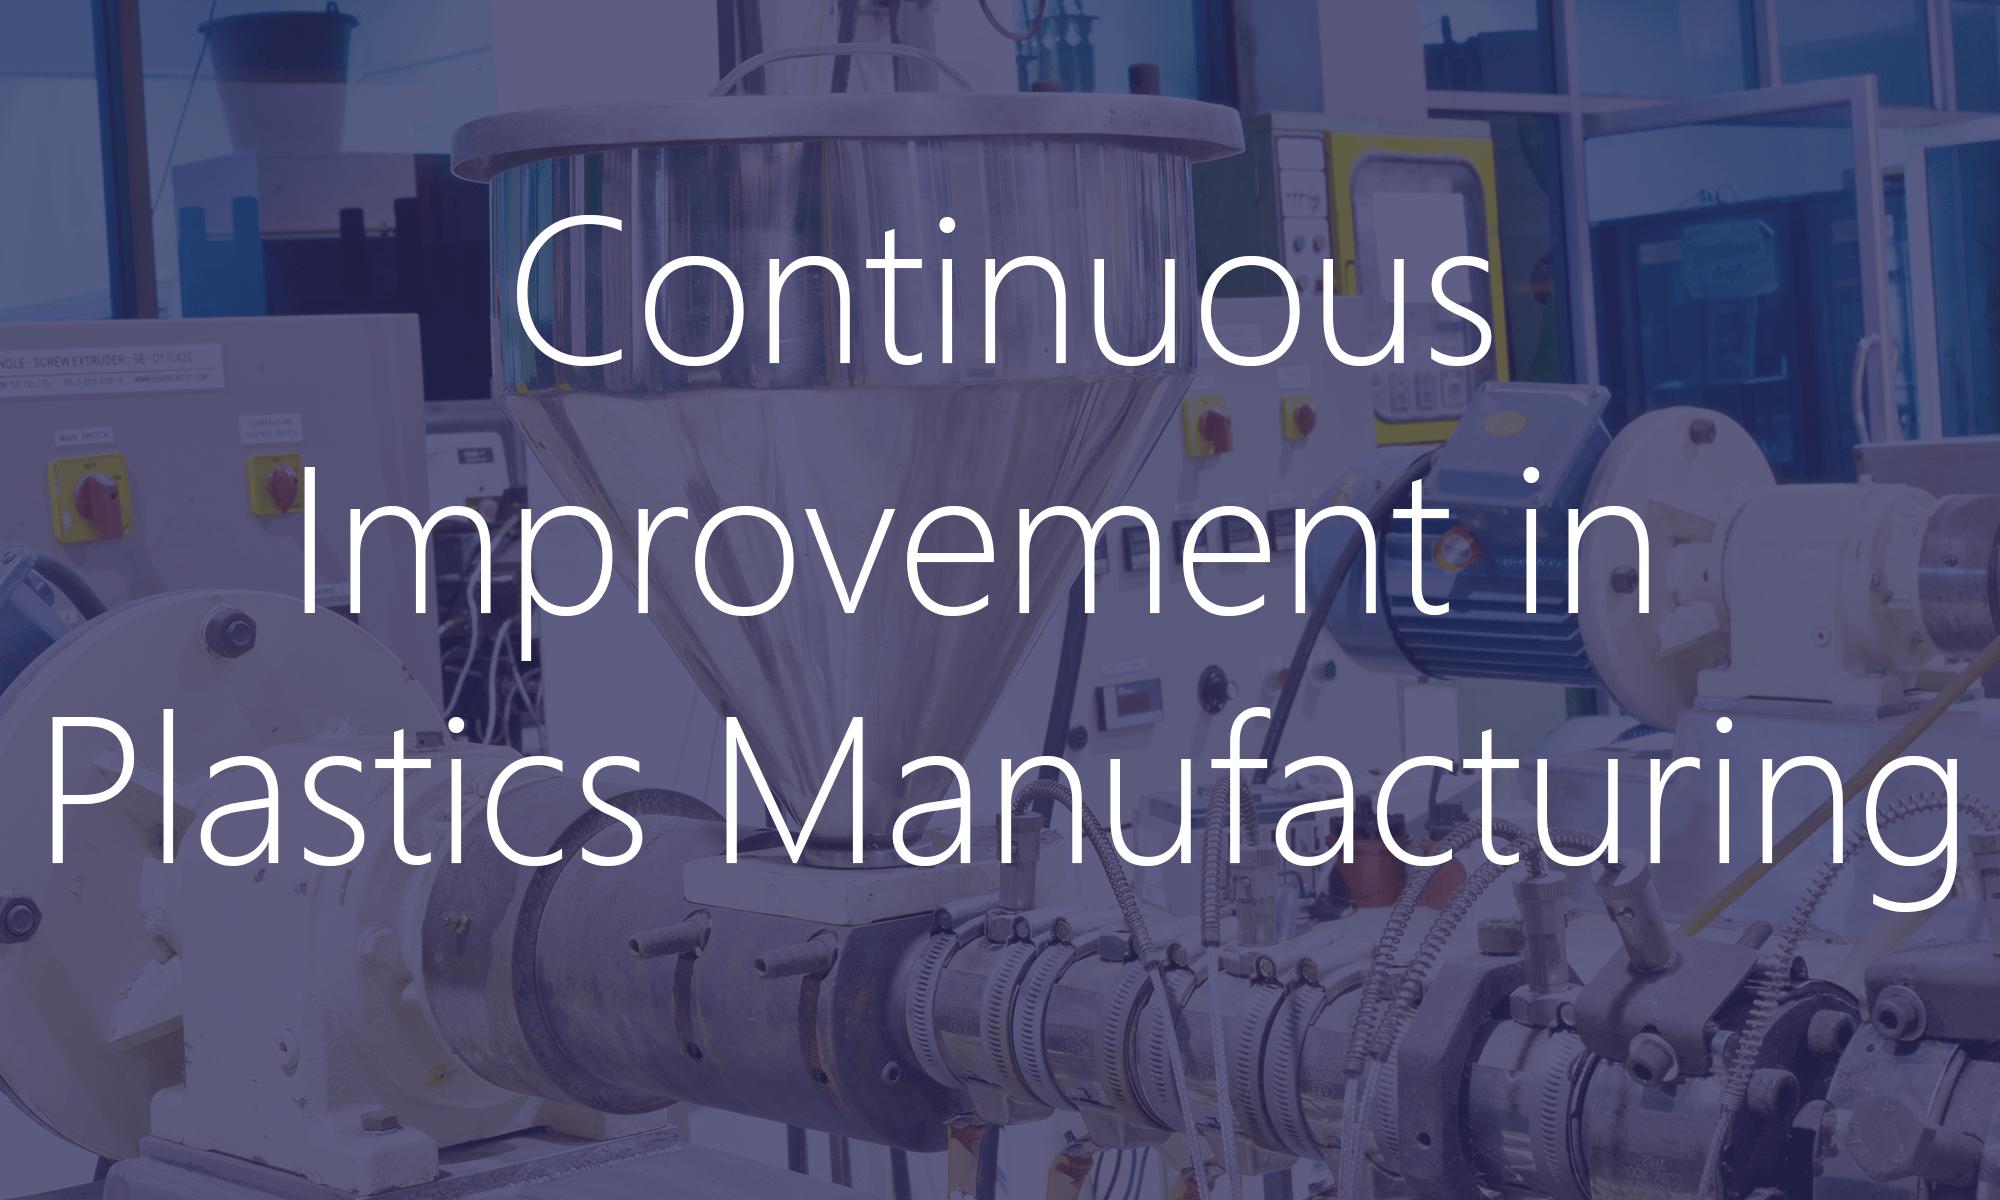 Continuous Improvement in Plastics Manufacturing